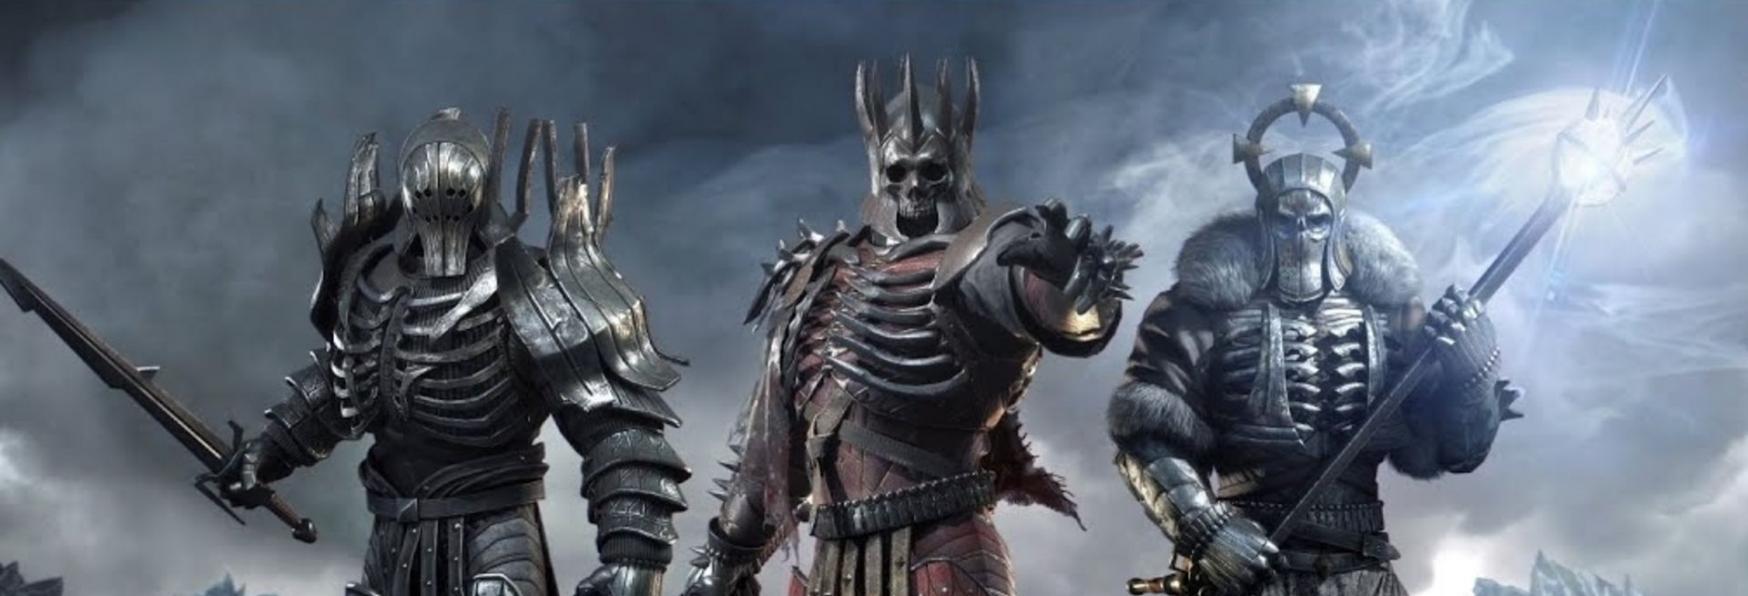 The Witcher 2: nuove Foto dal Set sembrano preannunciare l'arrivo dei Leggendari Villain del Franchise